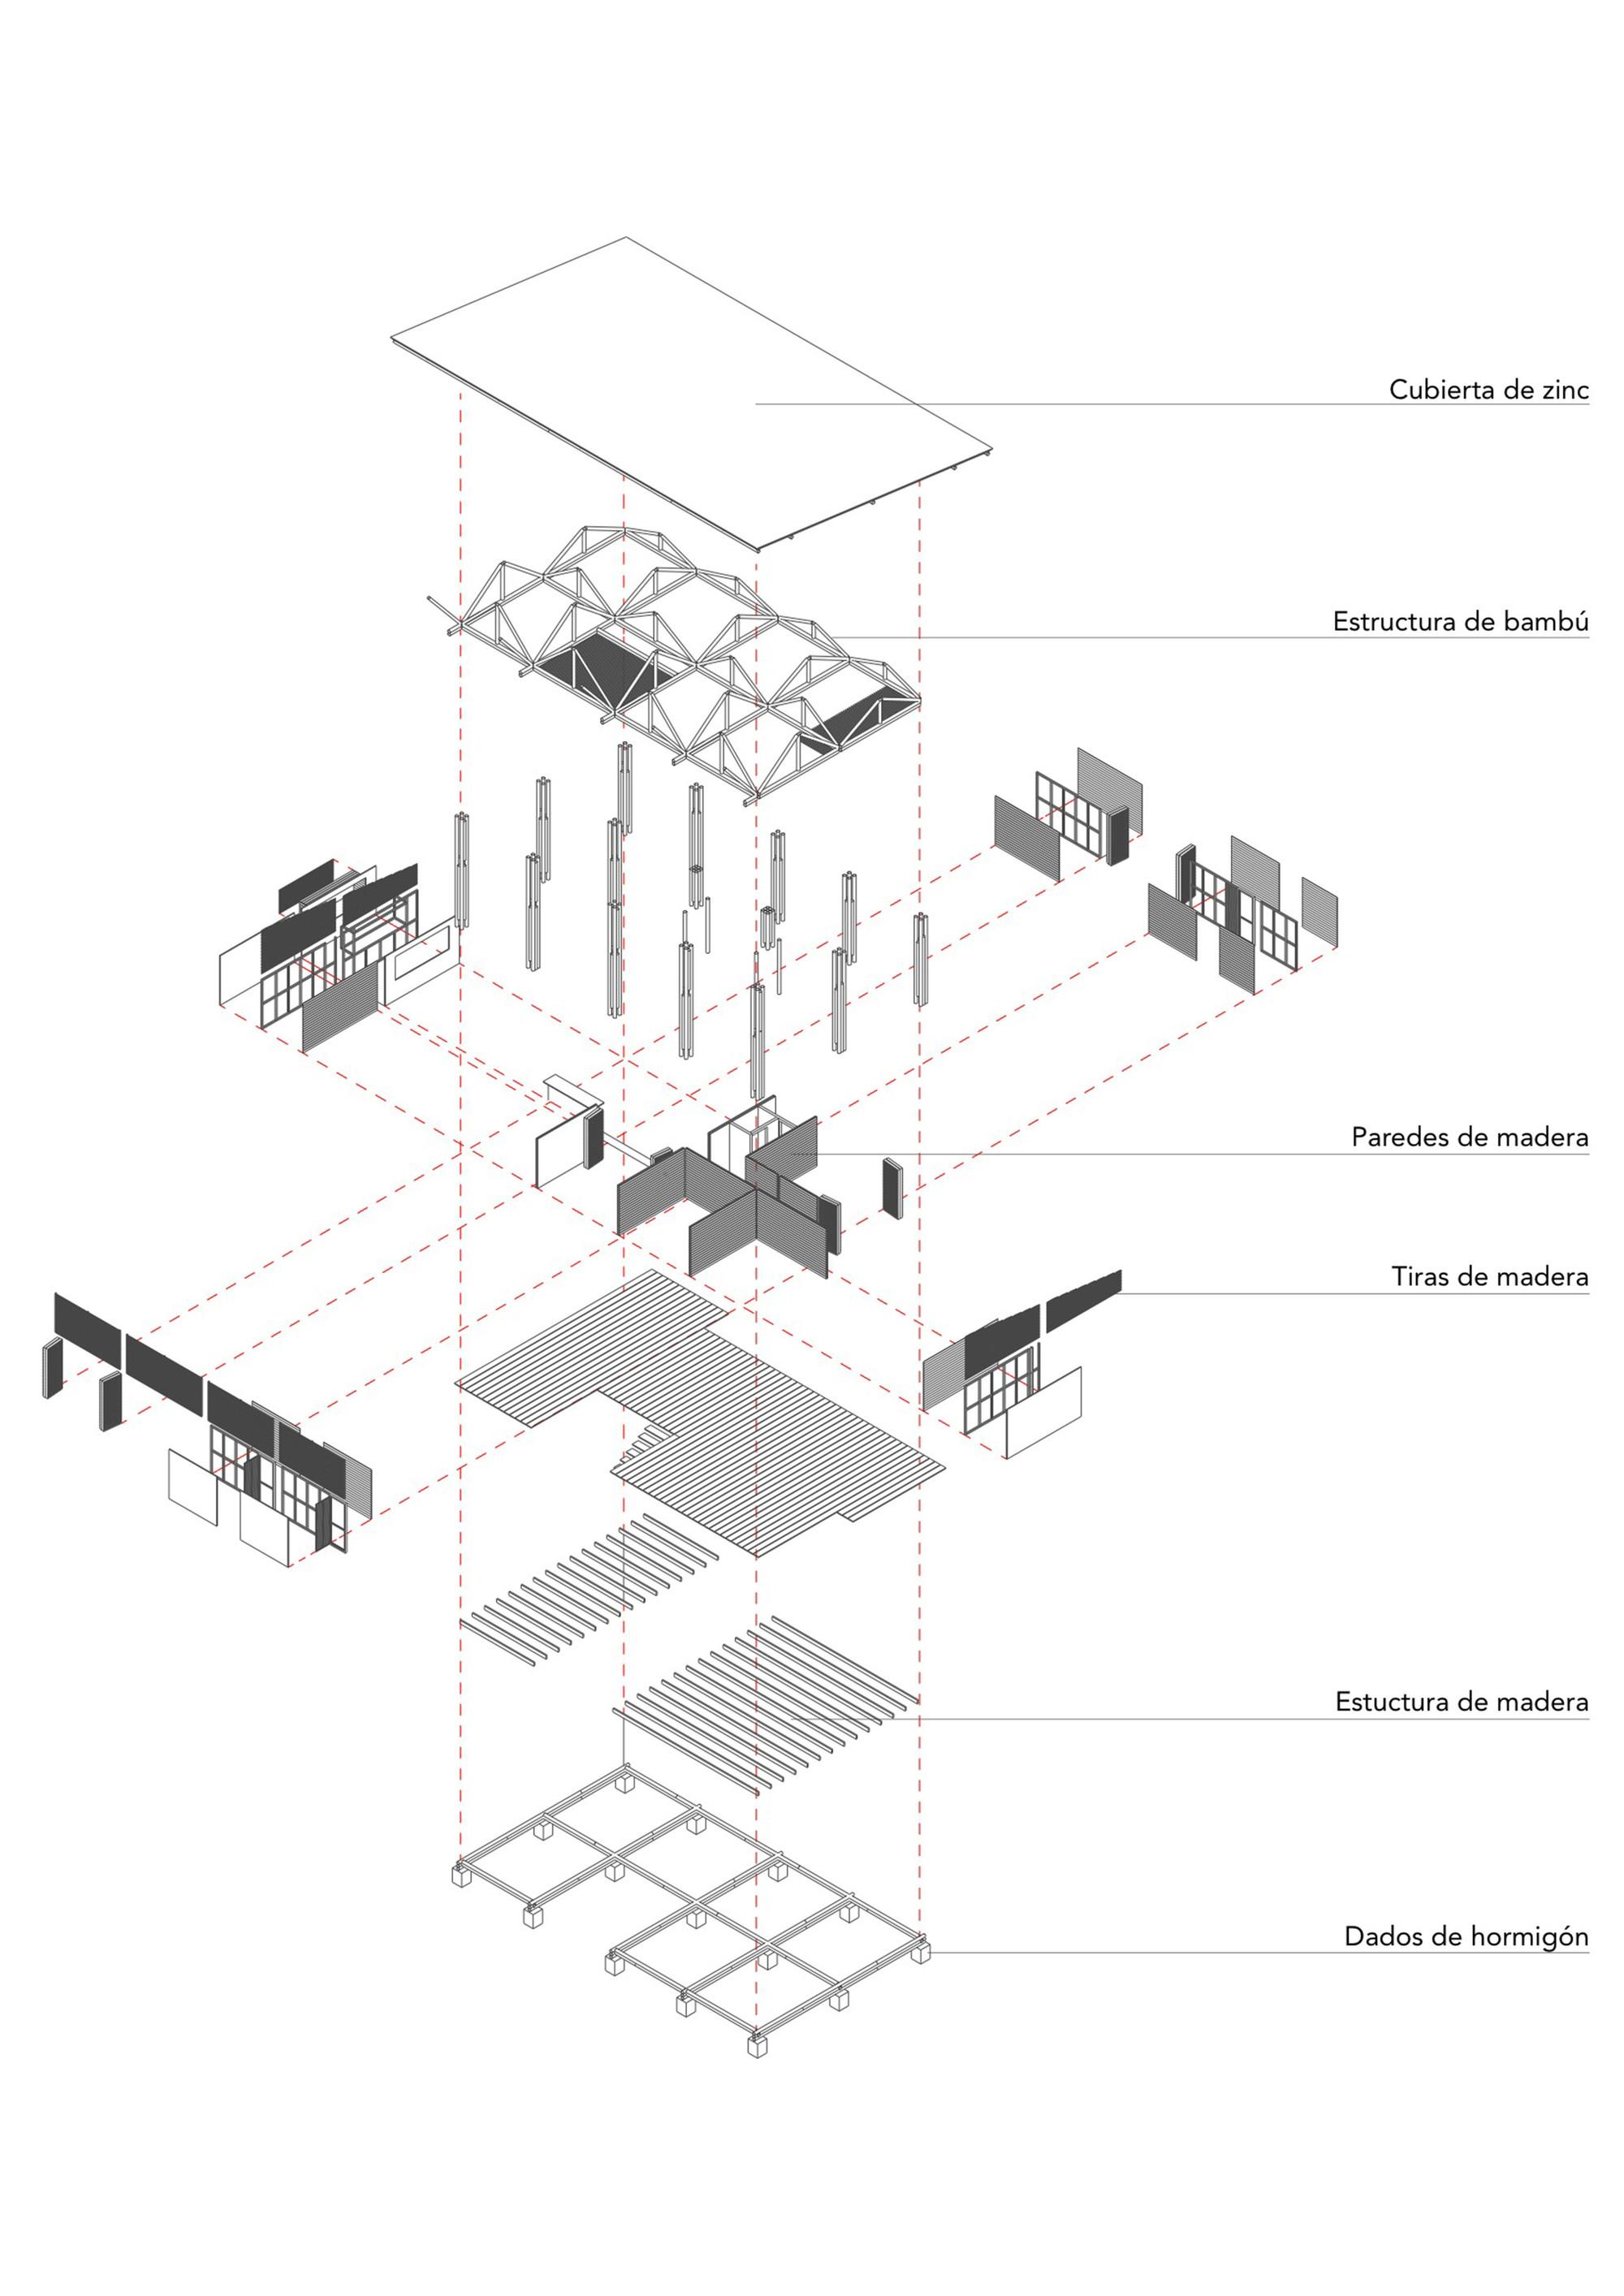 simple exploded view diagram ecm wiring gallery of convento house enrique mora alvarado 18